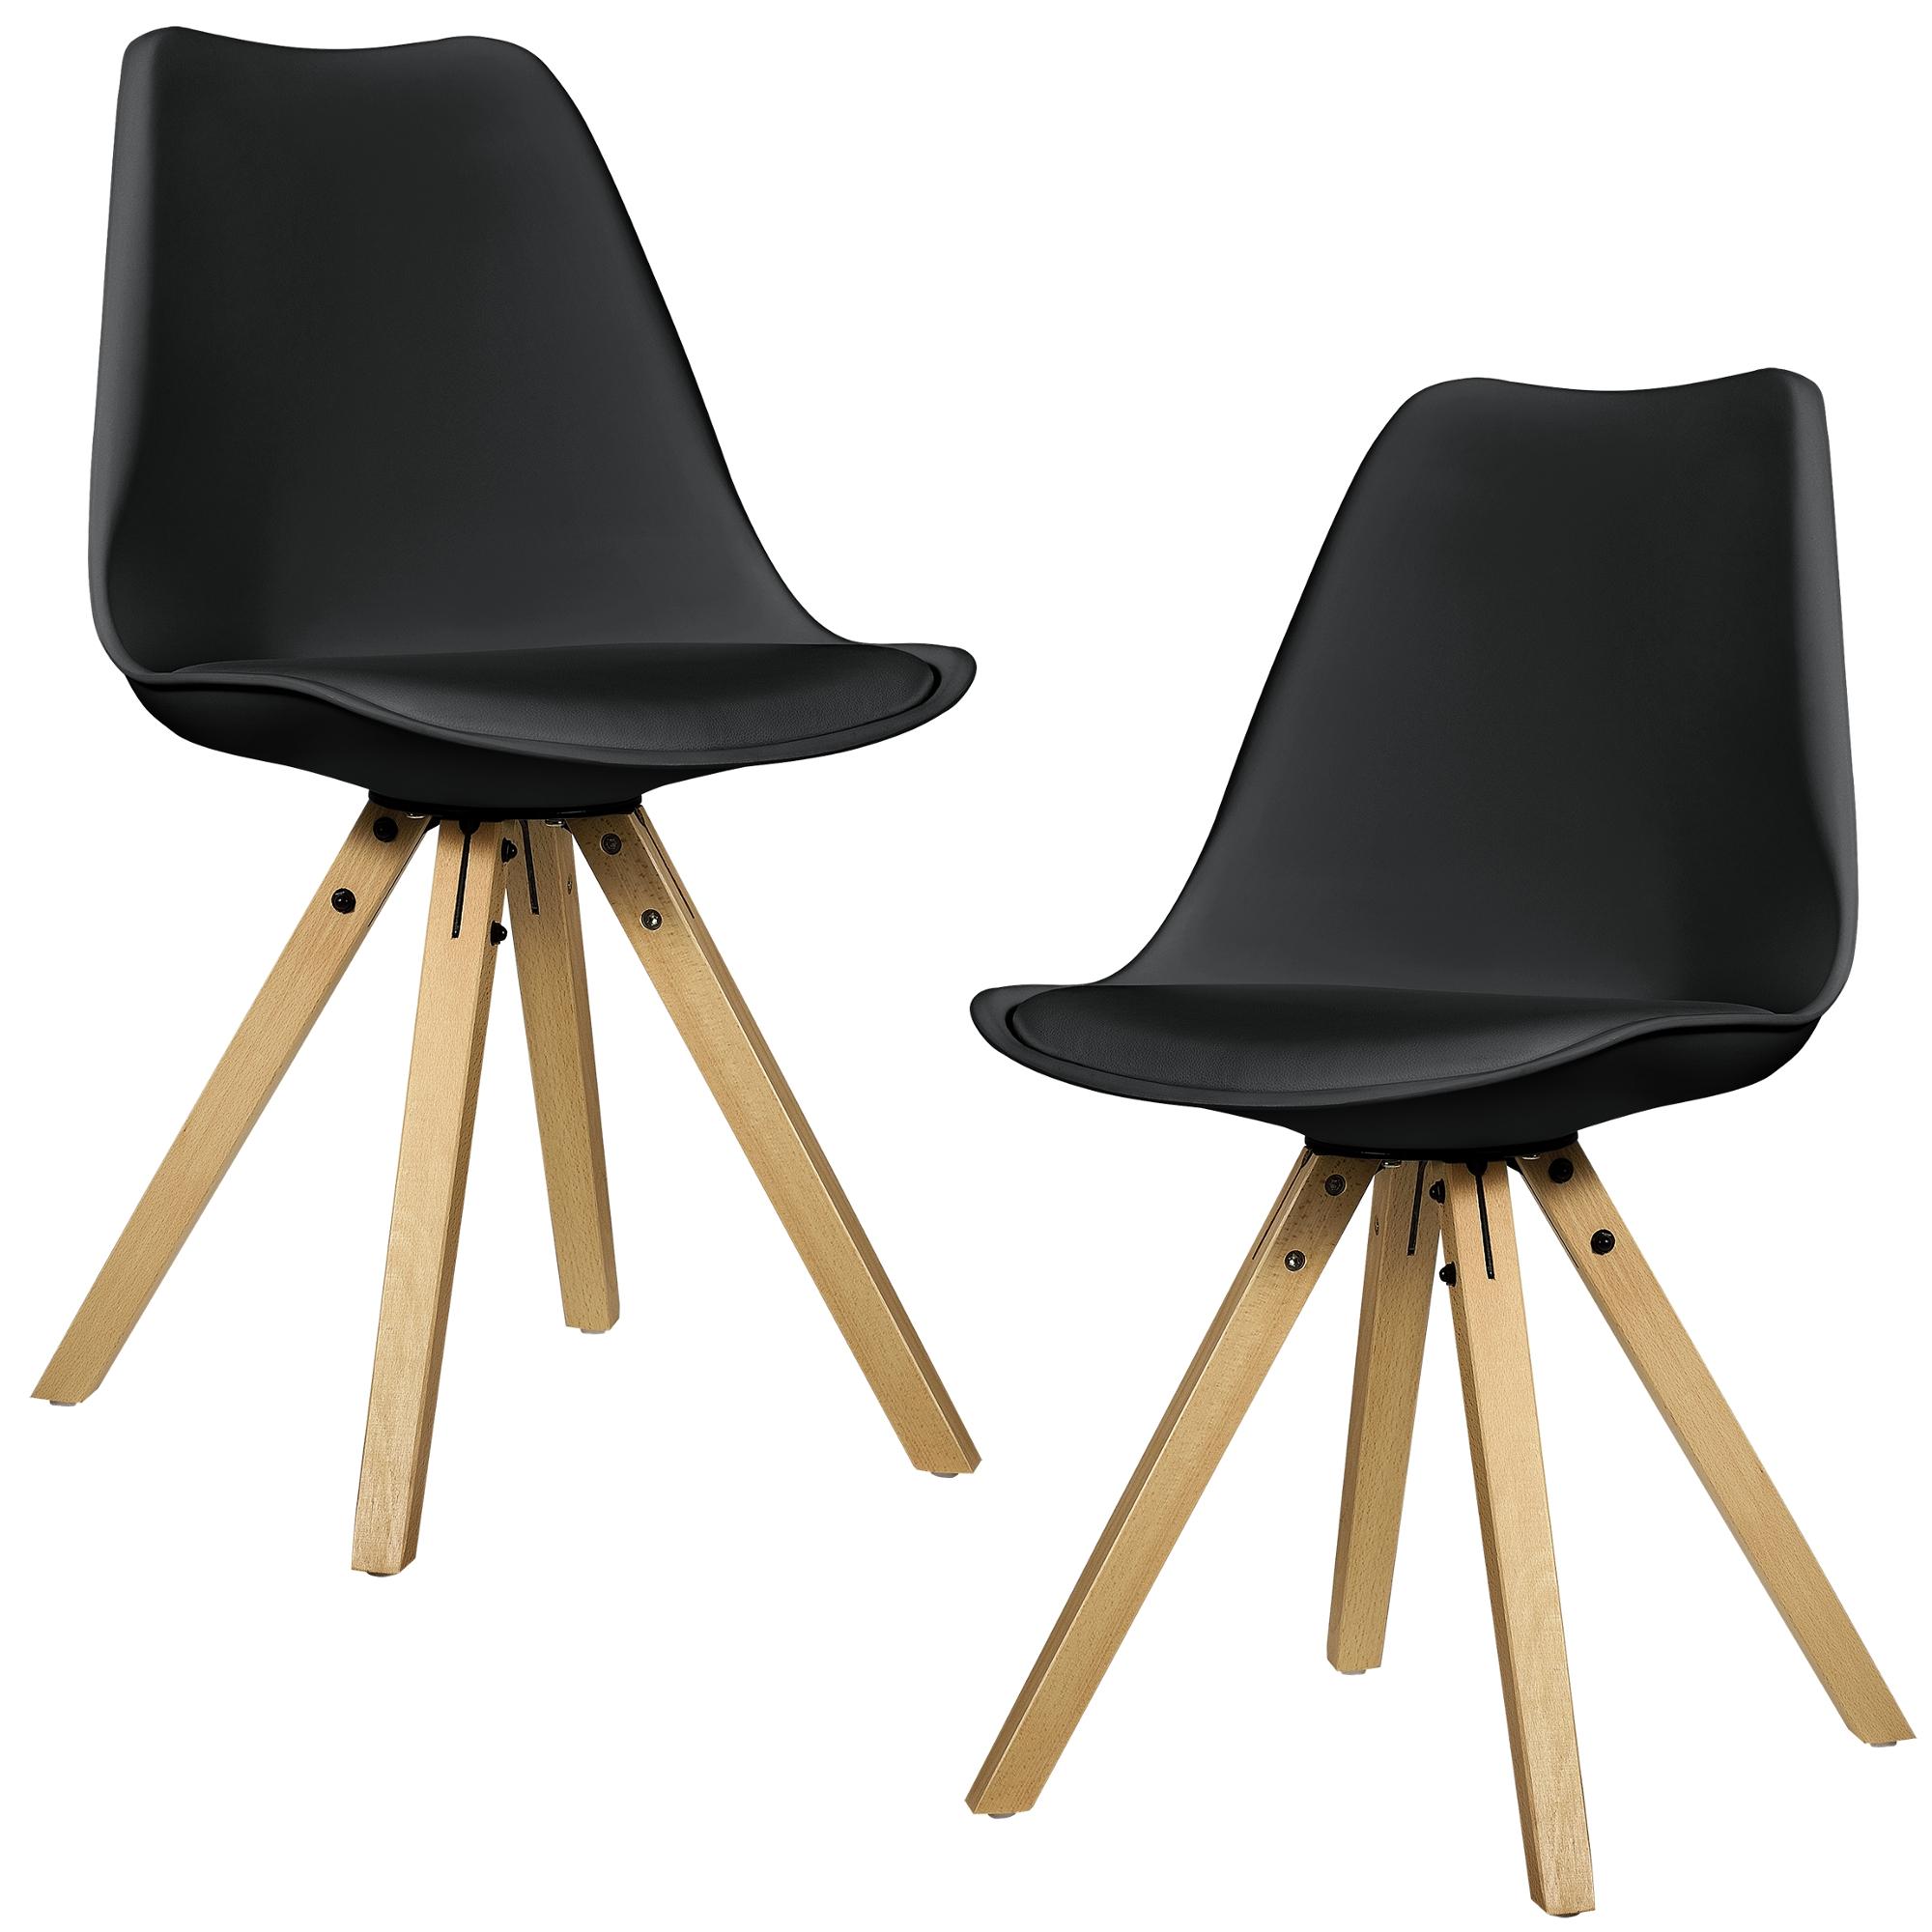 en.casa] 2x Design Stühle Esszimmer Stuhl Holz Kunststoff Kunst ...